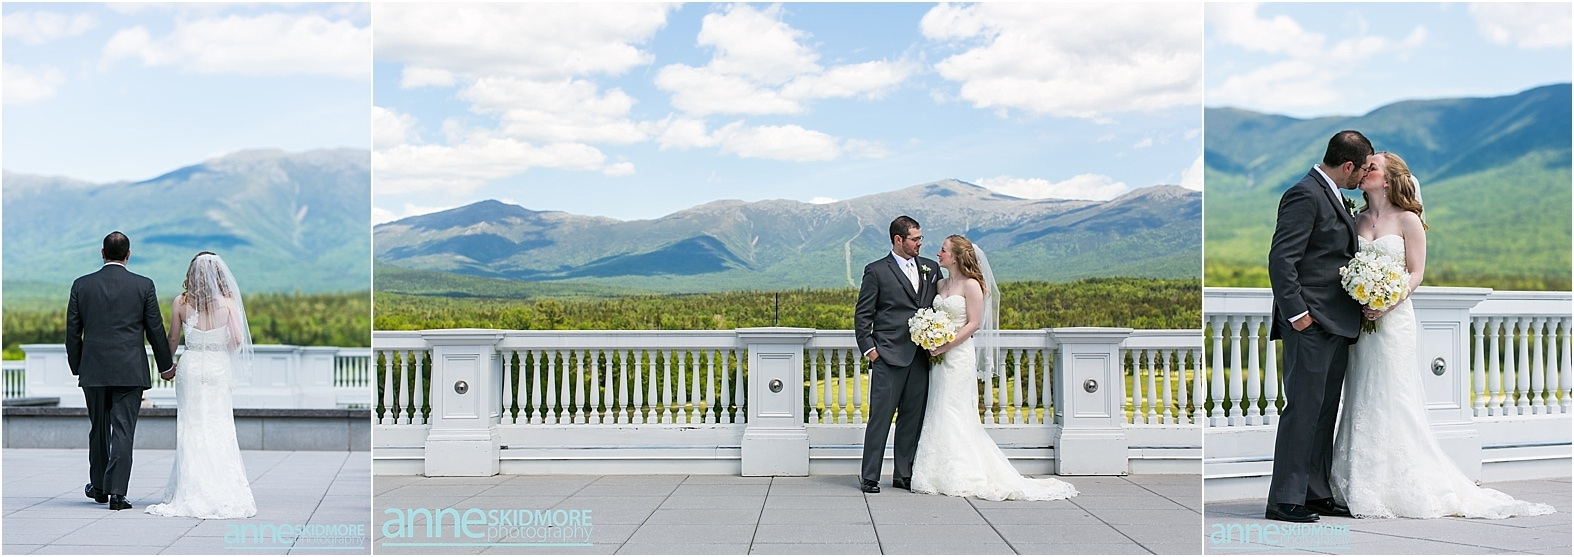 Mount_Washington_Hotel_Wedding_0019